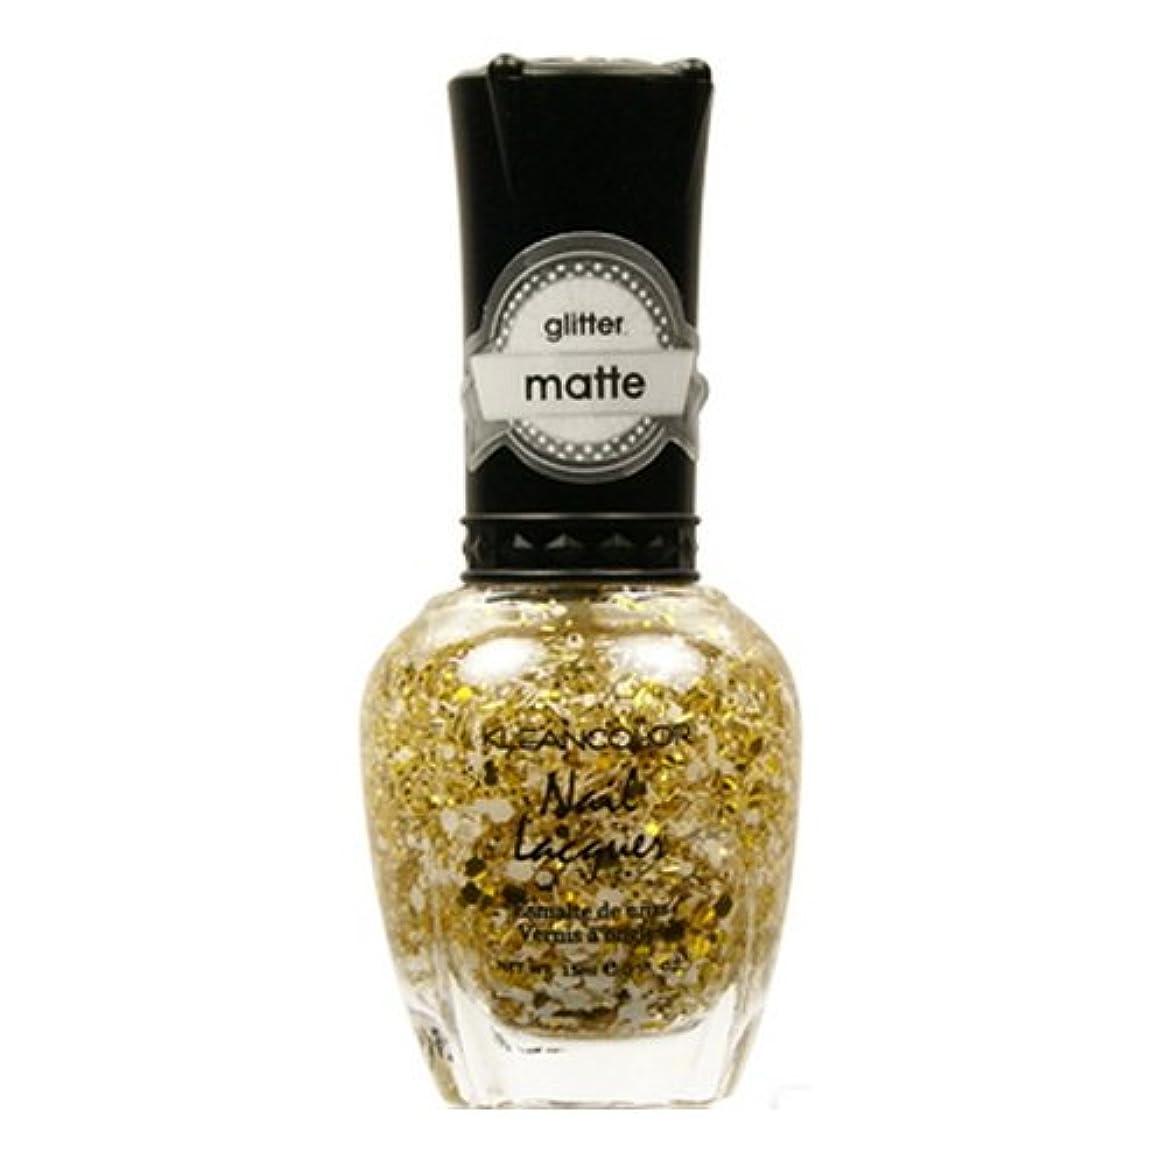 二十可決蒸発する(3 Pack) KLEANCOLOR Glitter Matte Nail Lacquer - Everyday is My Birthday (並行輸入品)